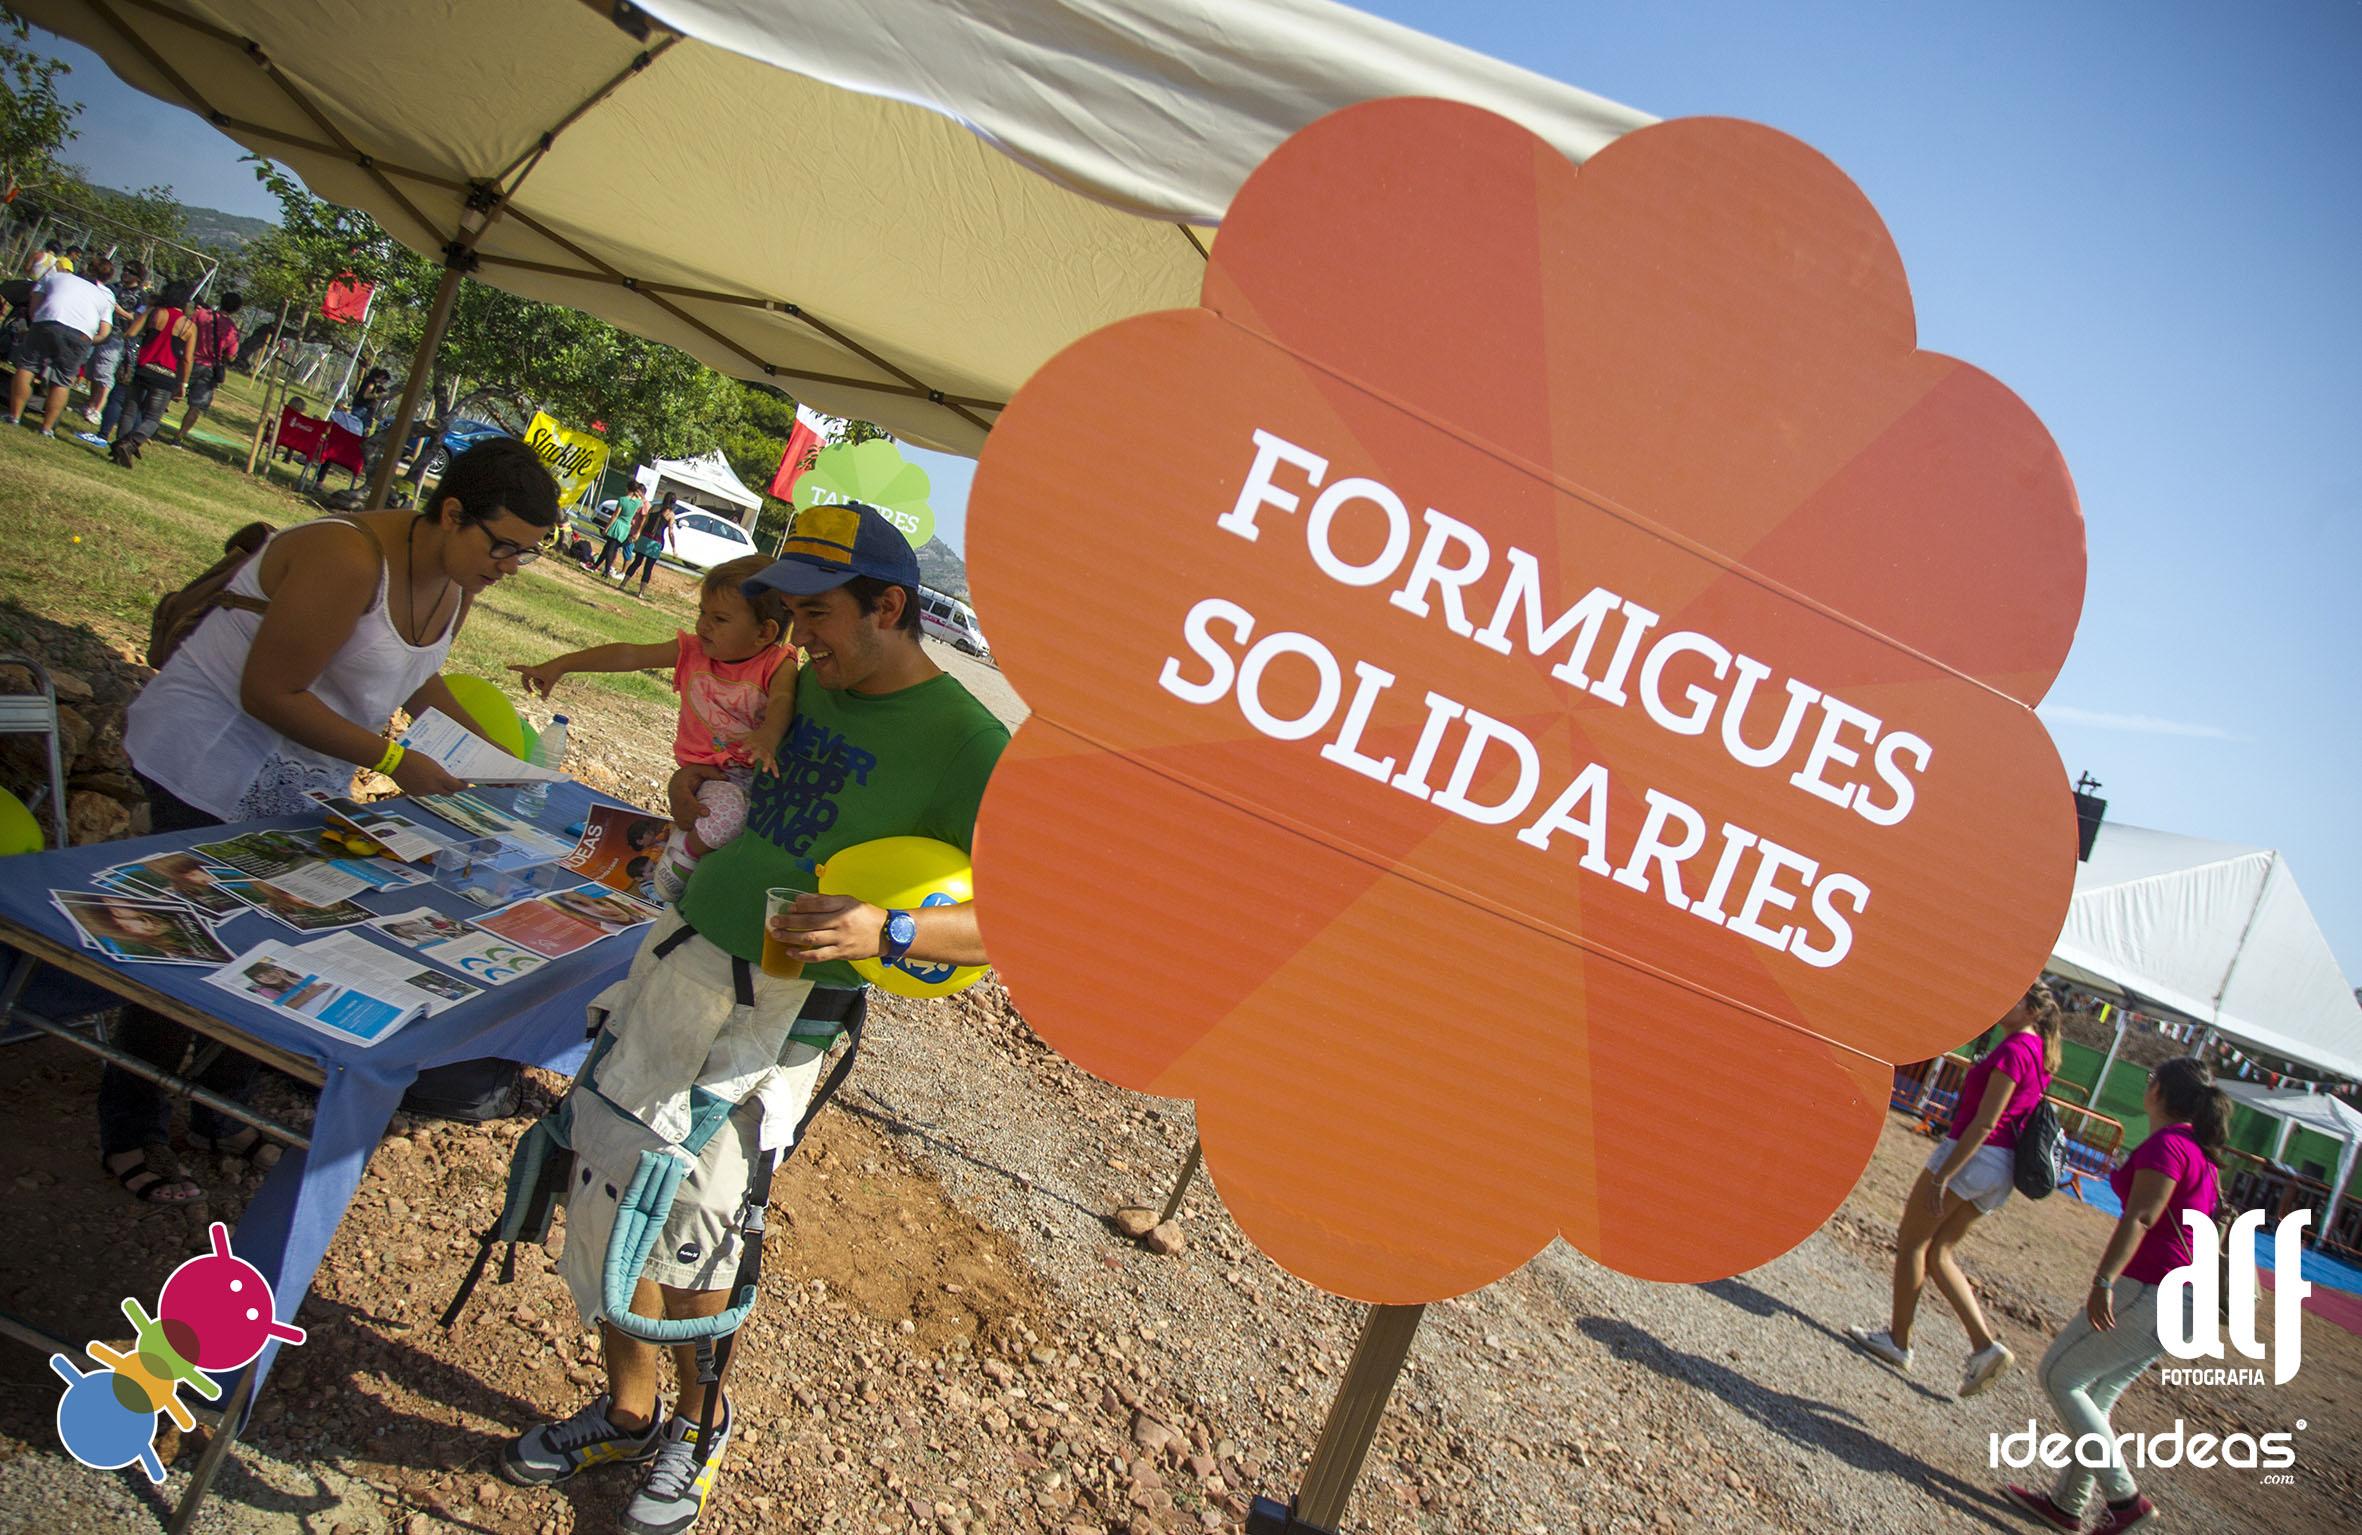 Festival_Formigues_Acf-Fotografia_228